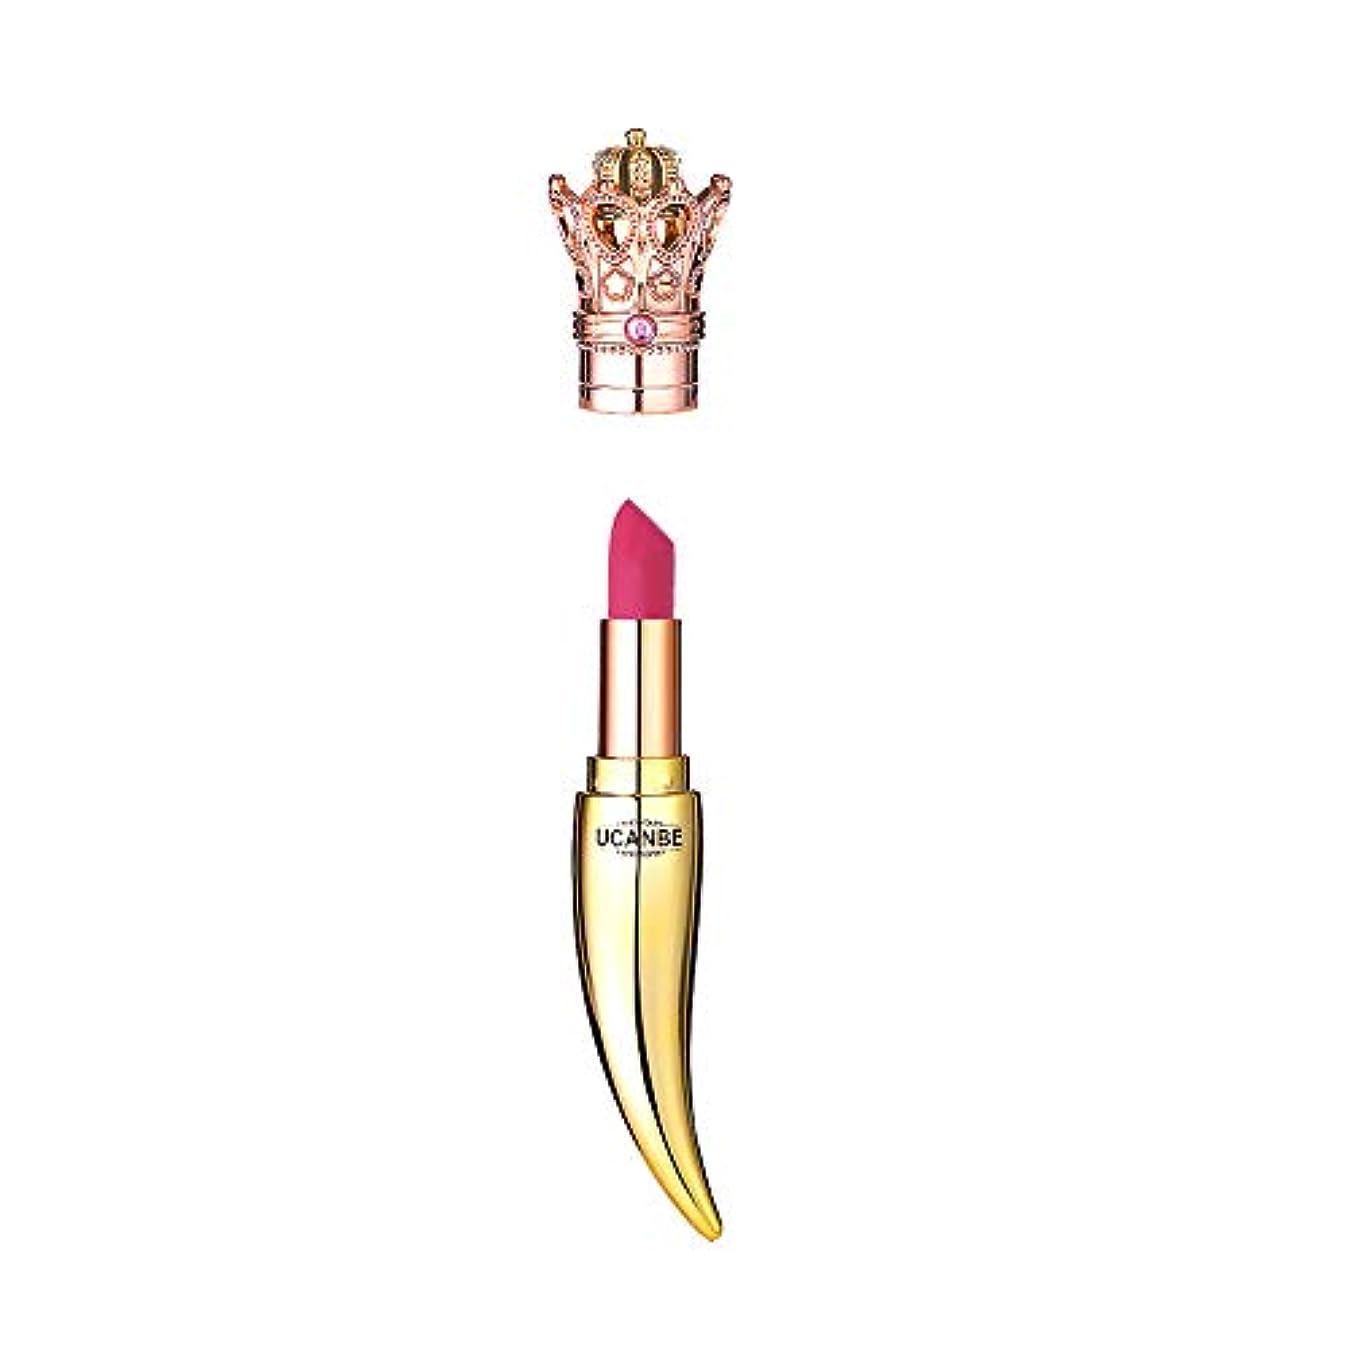 データベースレースセクタマットの口紅の保湿口紅防水なめらかなベルベットのリップグロスメイクアップ化粧品女性の女の子のスタイル-01